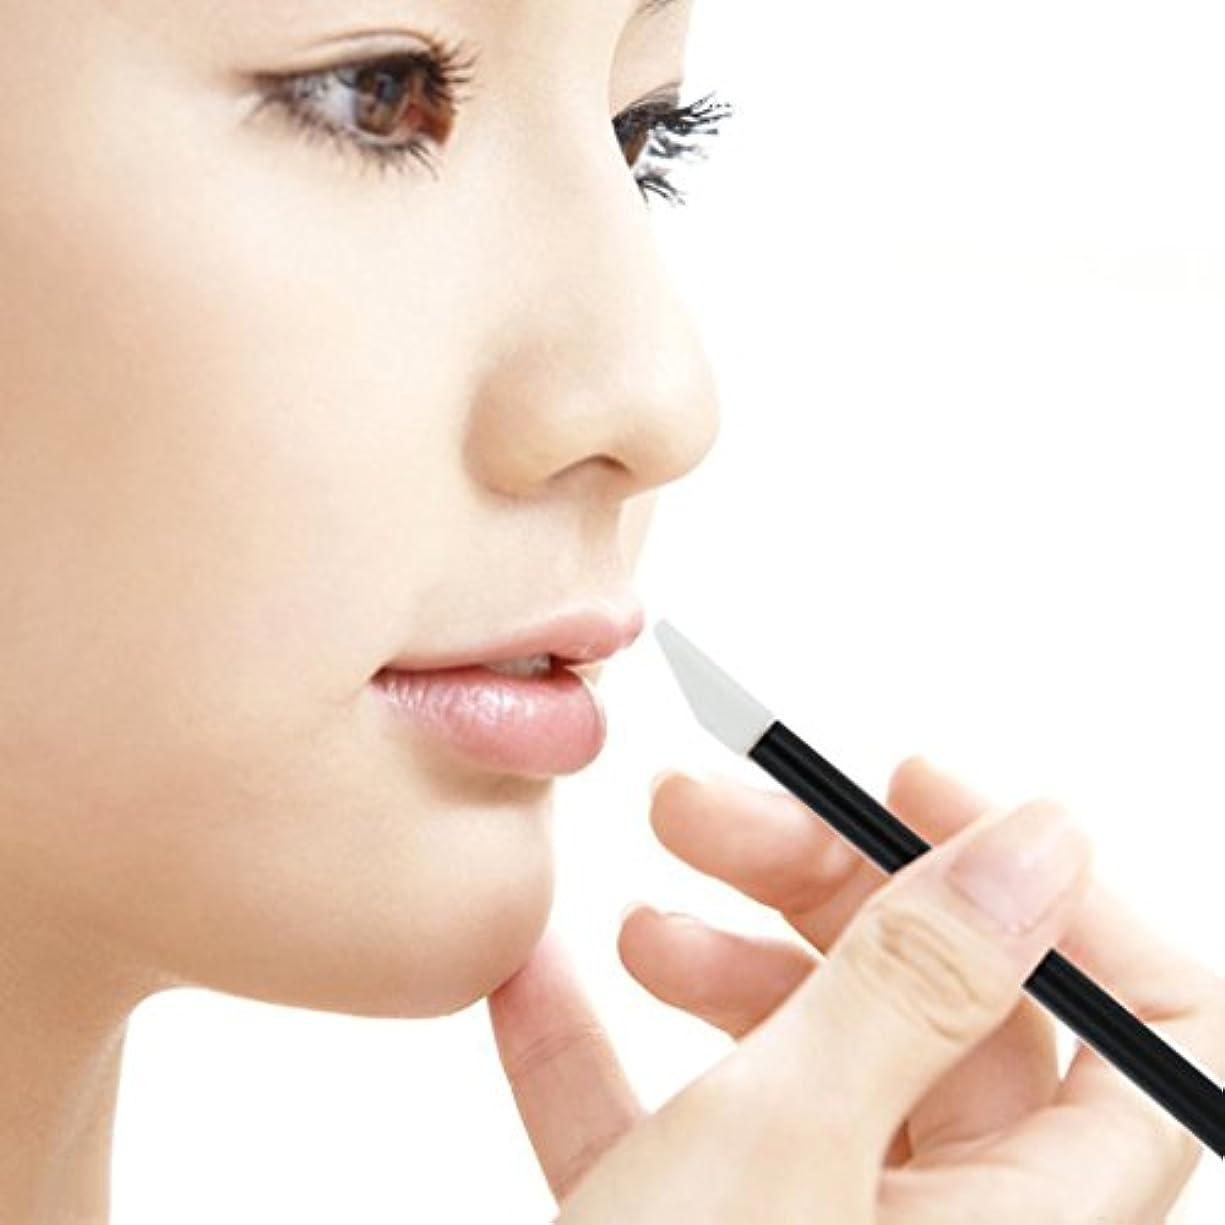 ドメイン規模格納Zafina リップブラシ 使い捨て 便利 化粧用品 メイクアップ  化粧ブラシ50本セット  (ブラック)